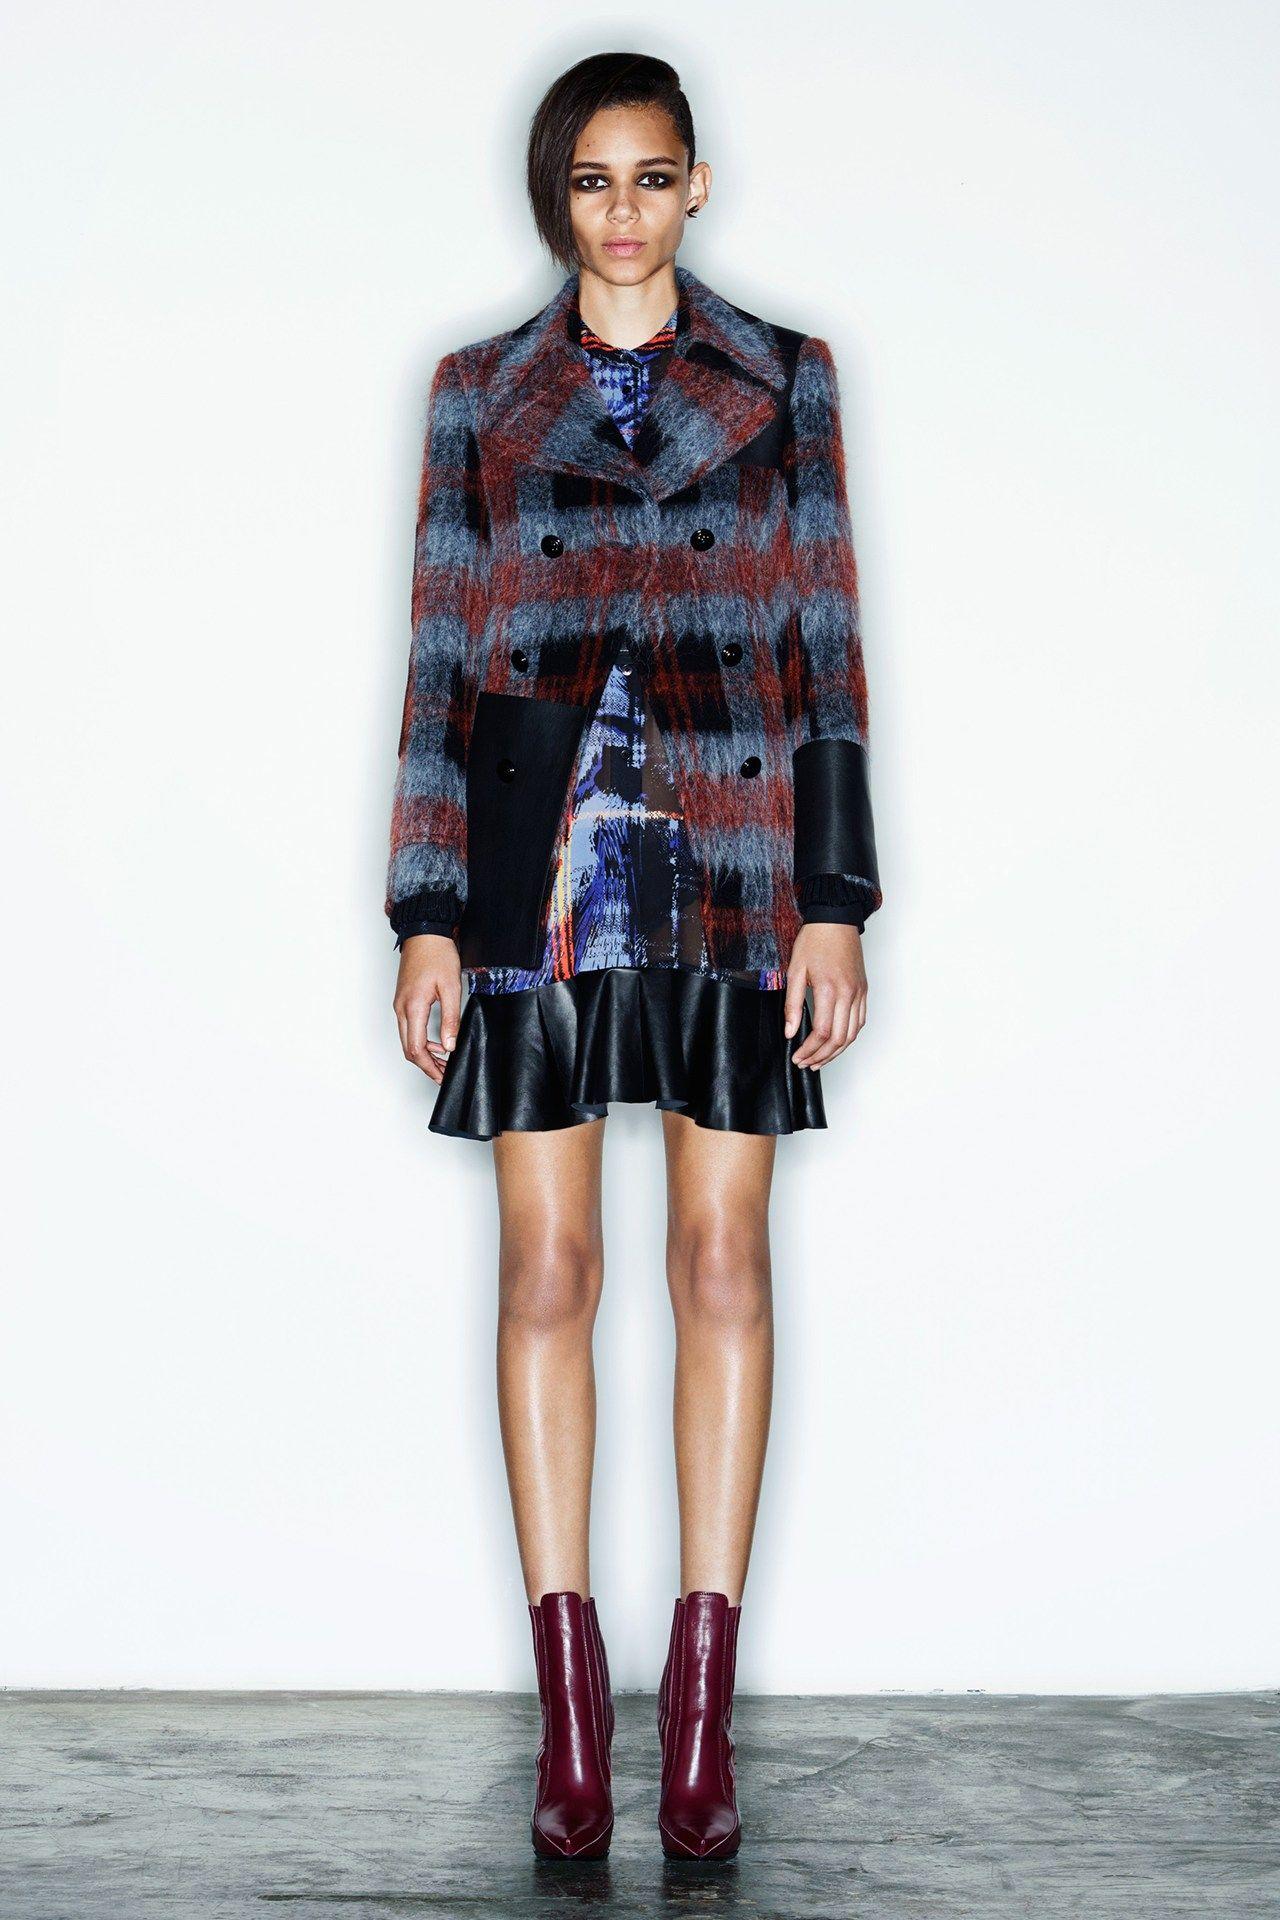 McQ fashion collection, pre-autumn/winter 2014